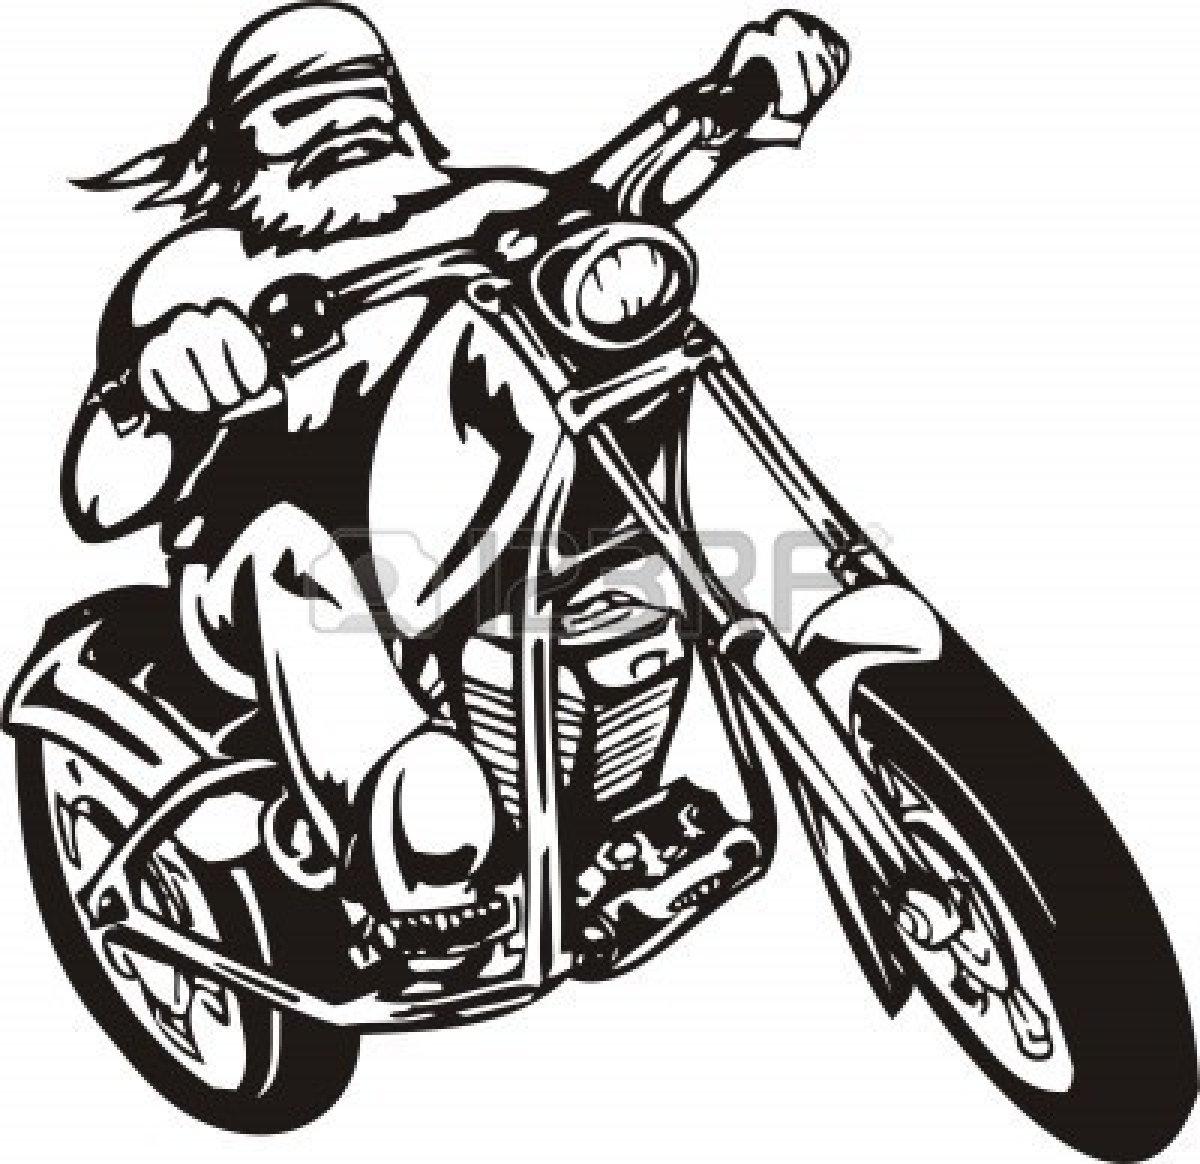 biker clipart - photo #34